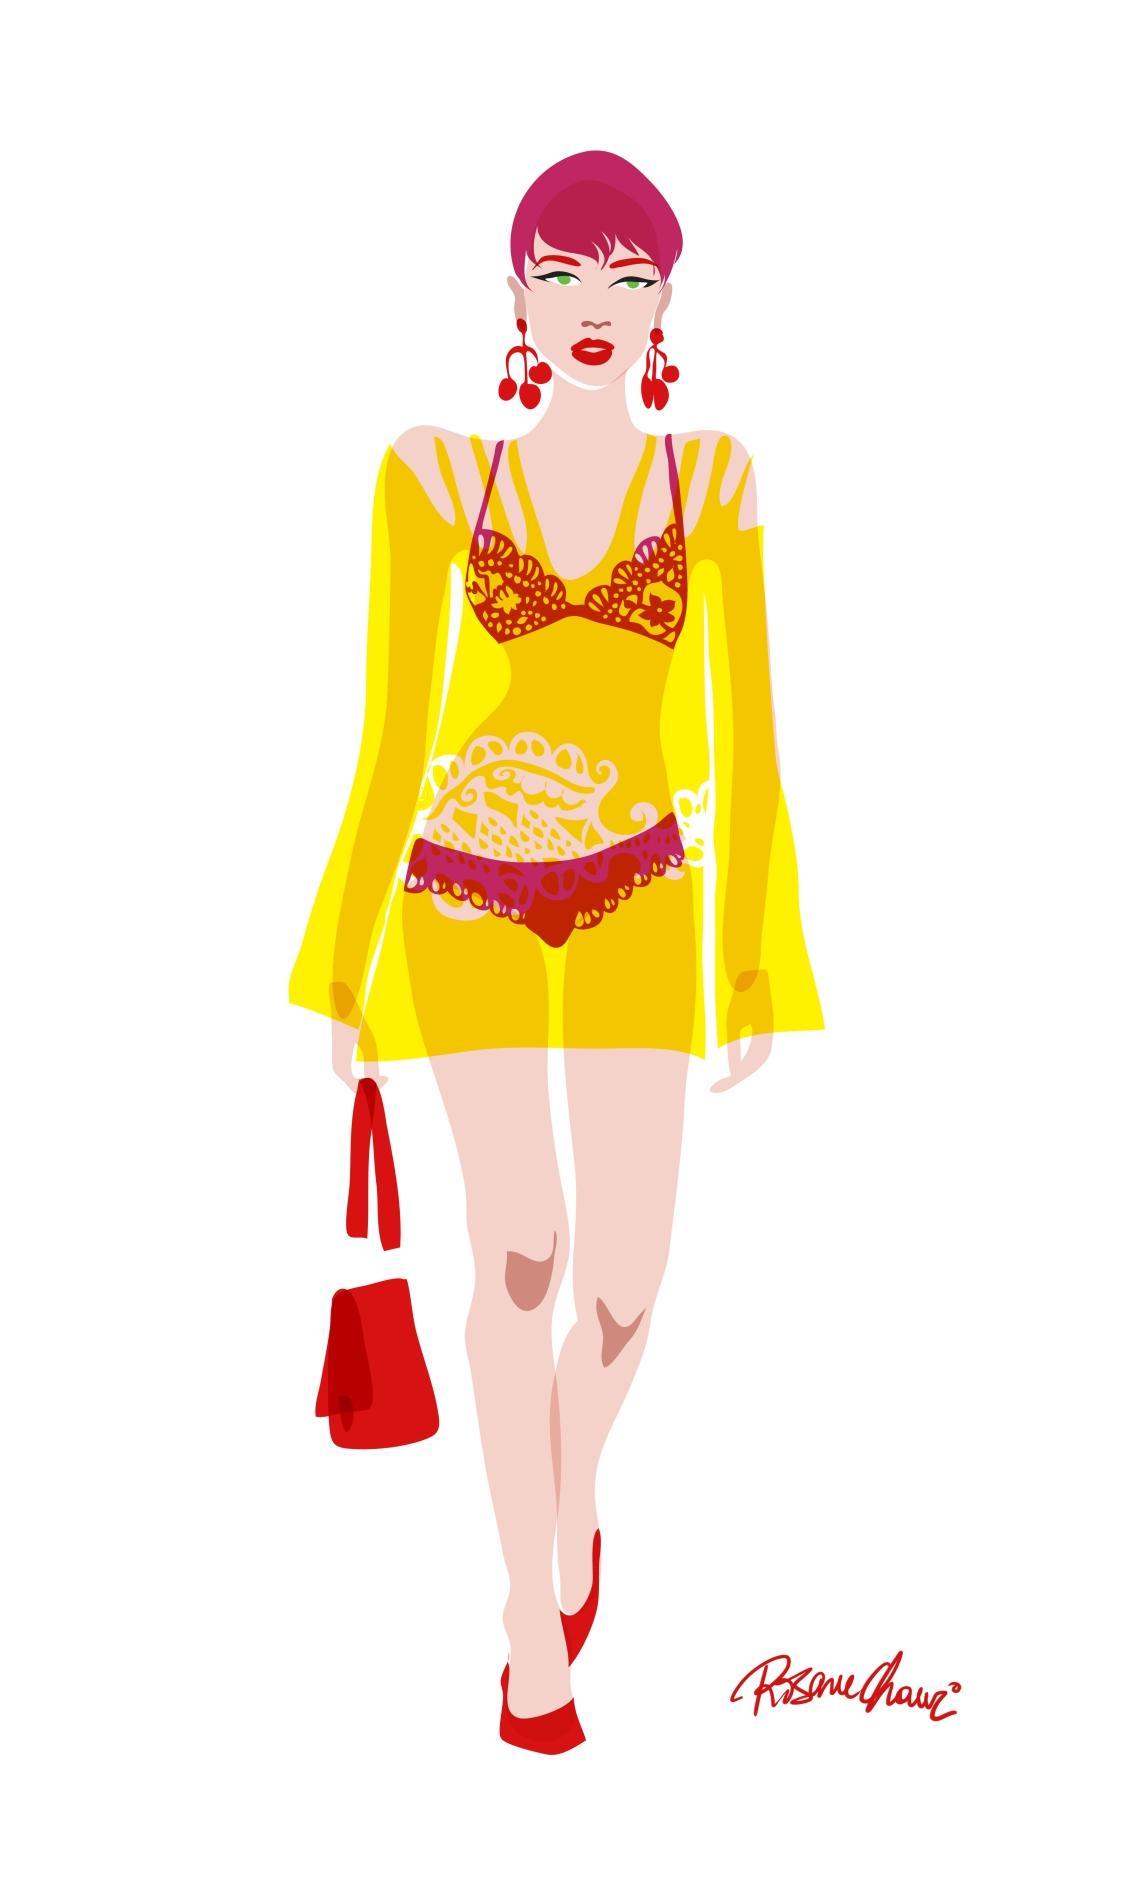 model 2 rosane chawi fashion